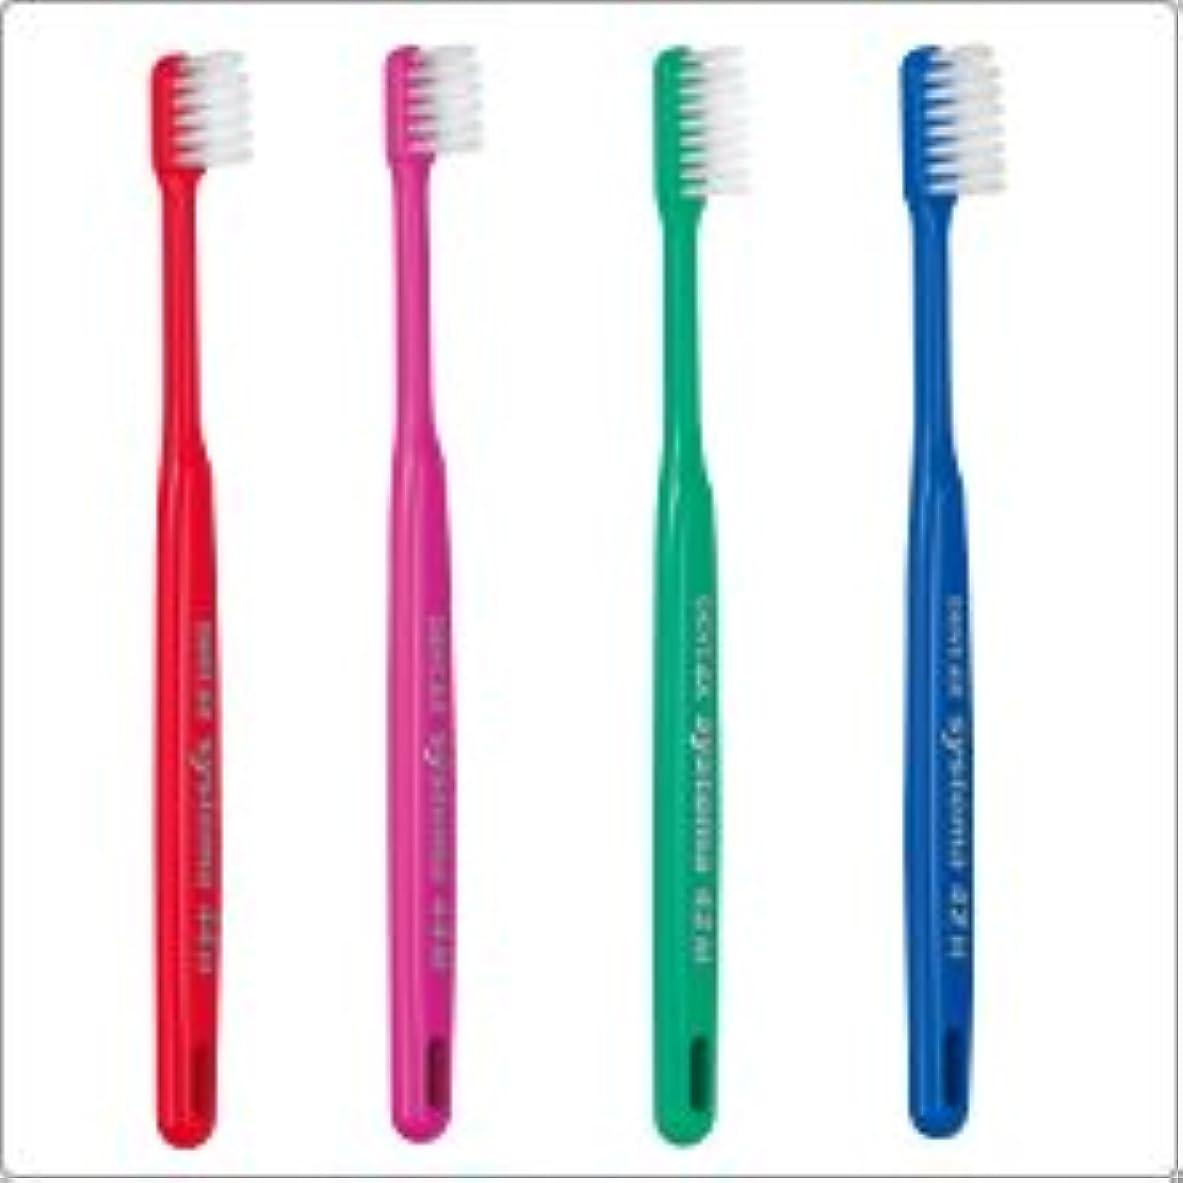 種類口述する療法ライオン DENT.EX システマ 歯ブラシ 44M(コンパクト ふつう)×10本 大人用歯ブラシ 歯科専売品